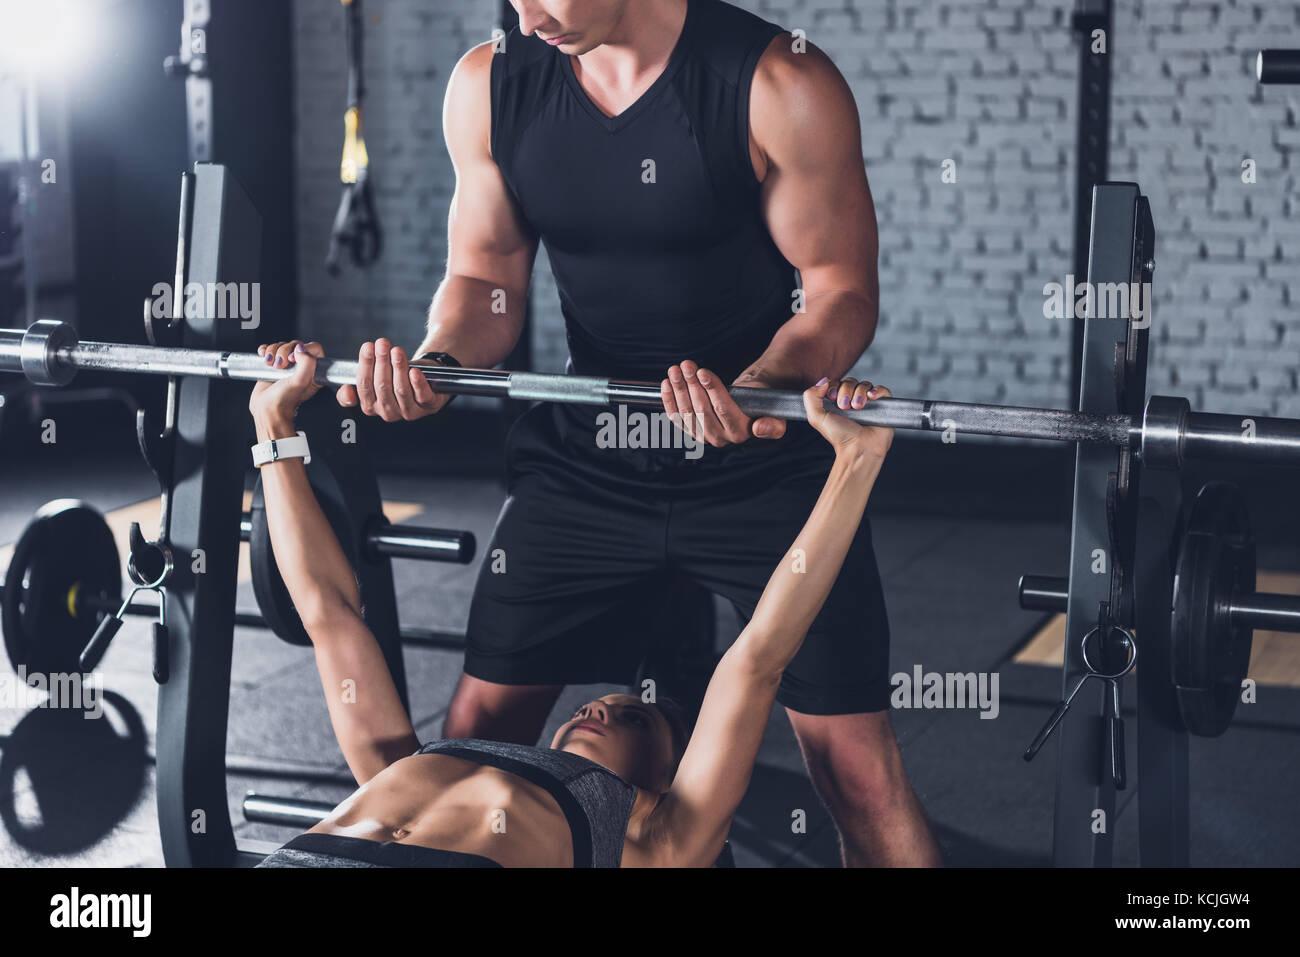 Trainer donna aiuta il sollevamento pesi Immagini Stock